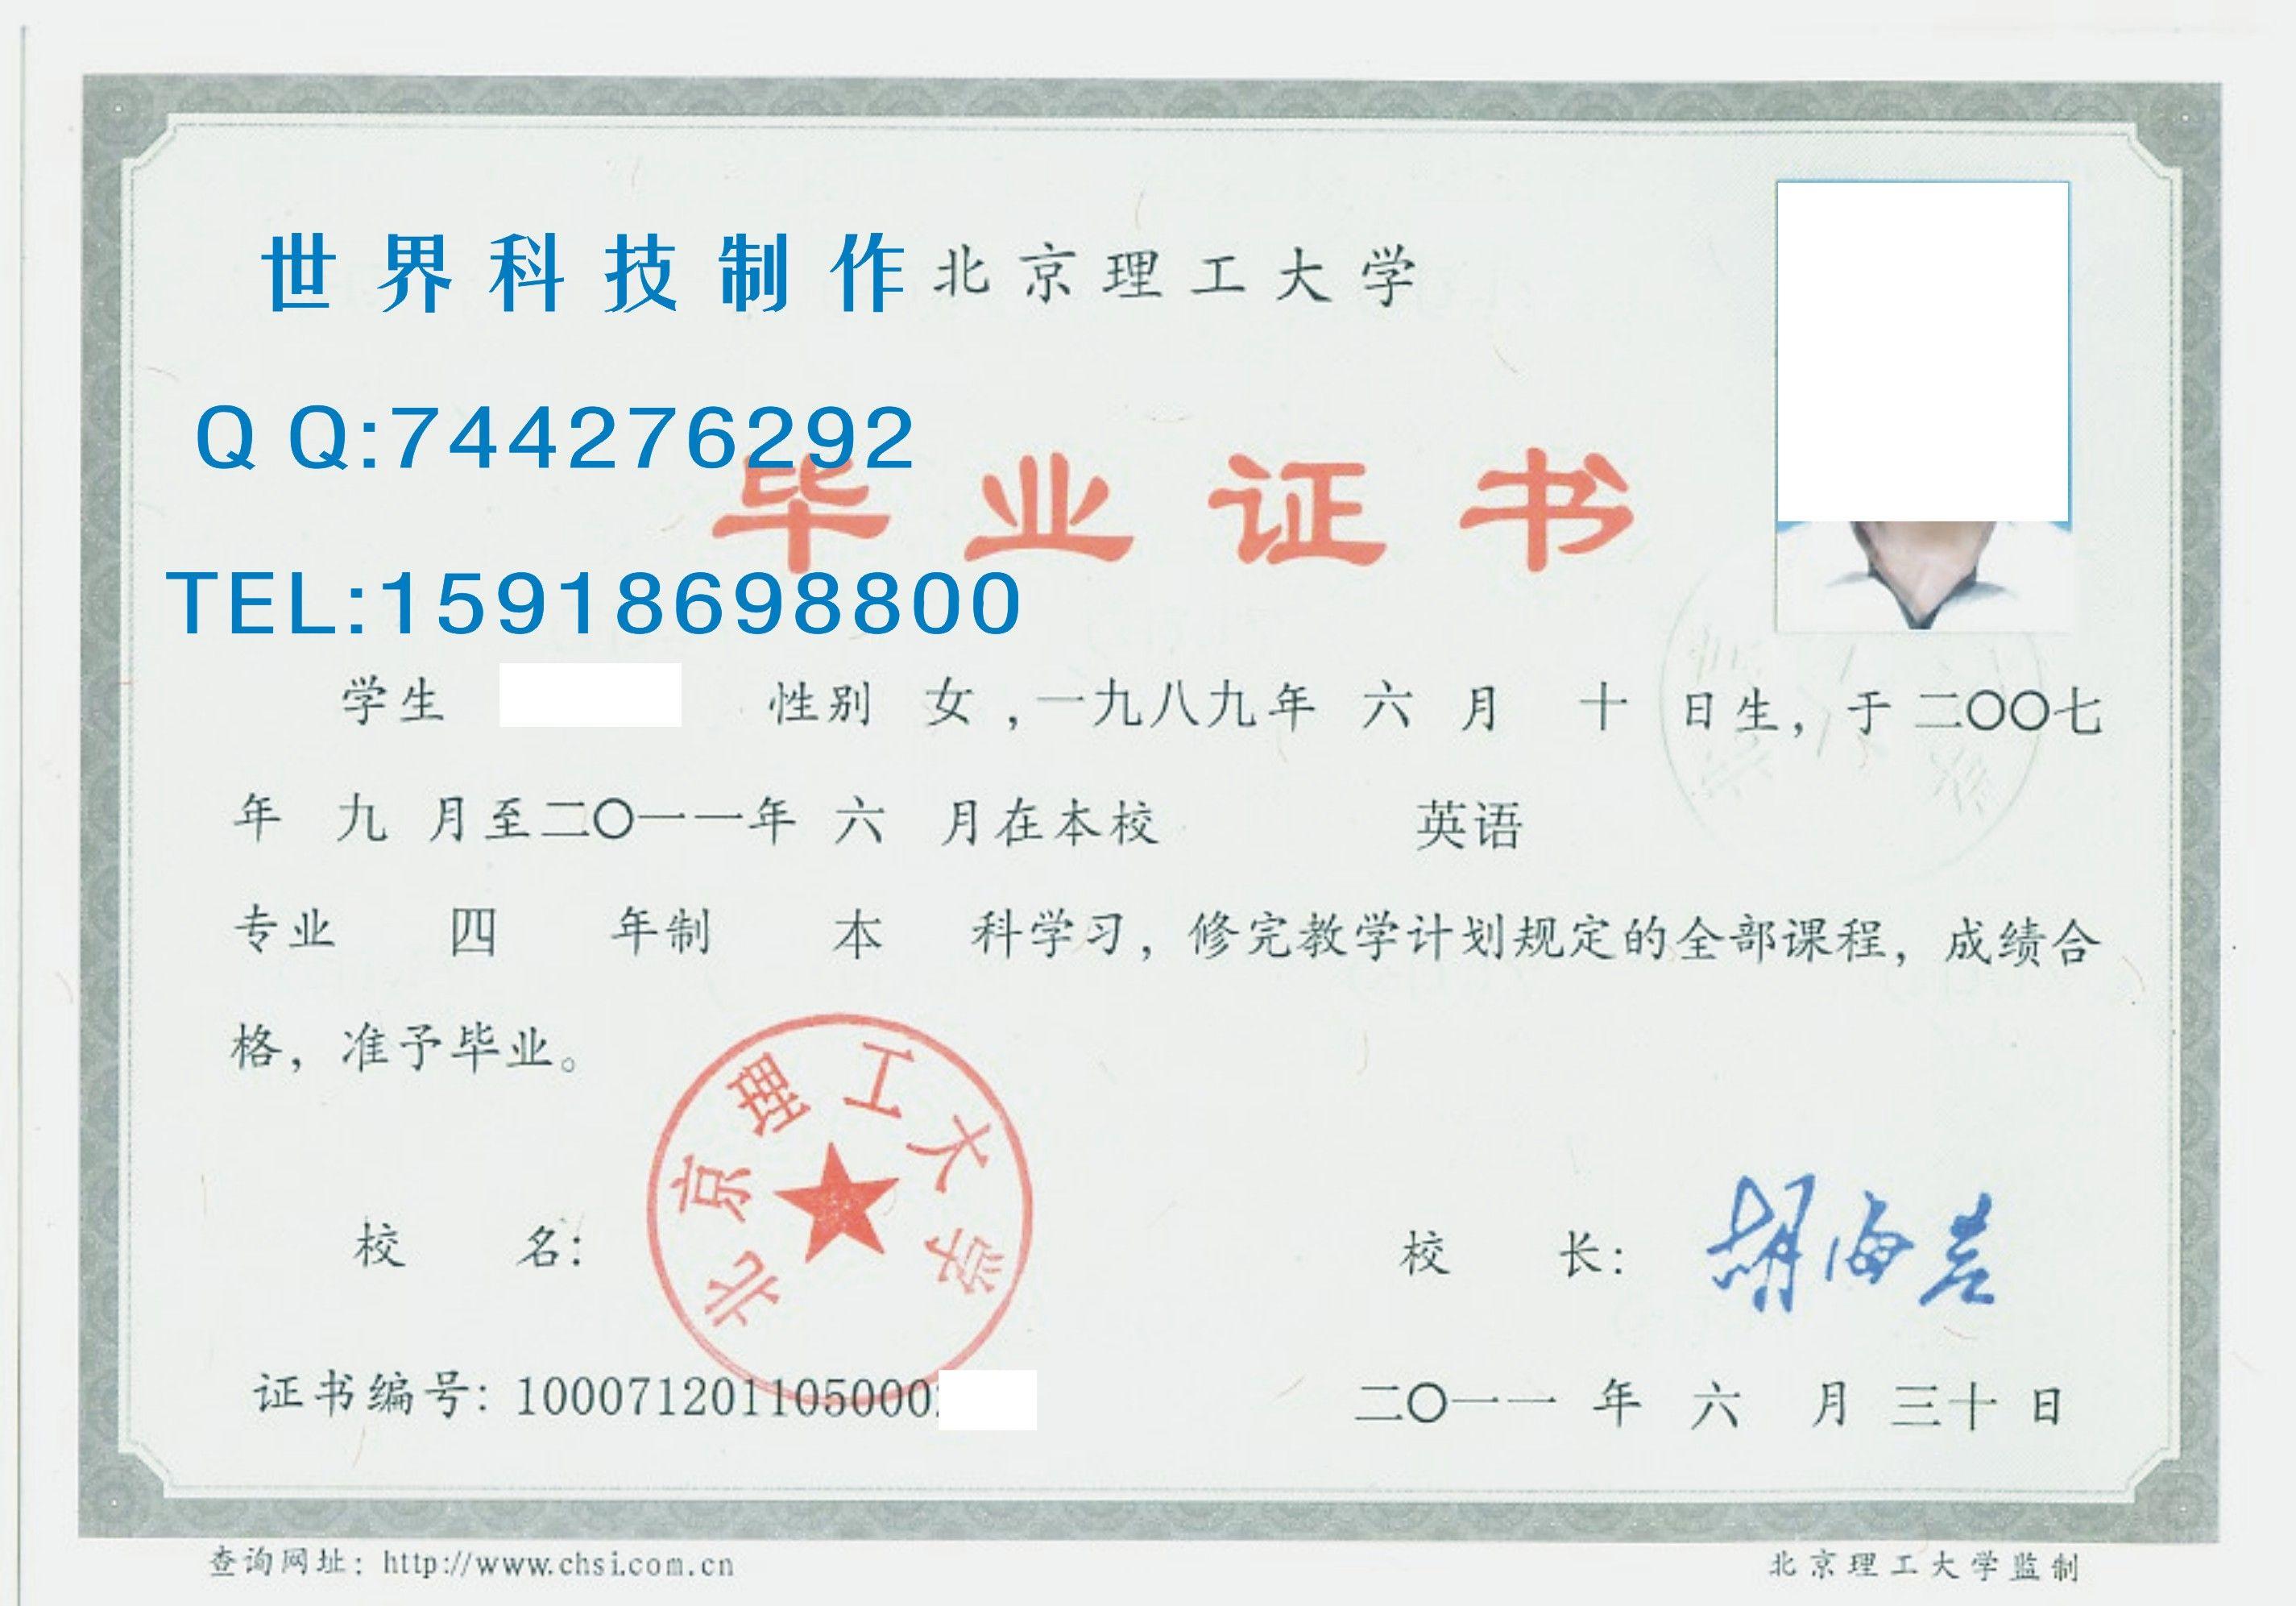 北京大学校徽 北京师范大学校徽 北京理工大学校徽   北京高清图片